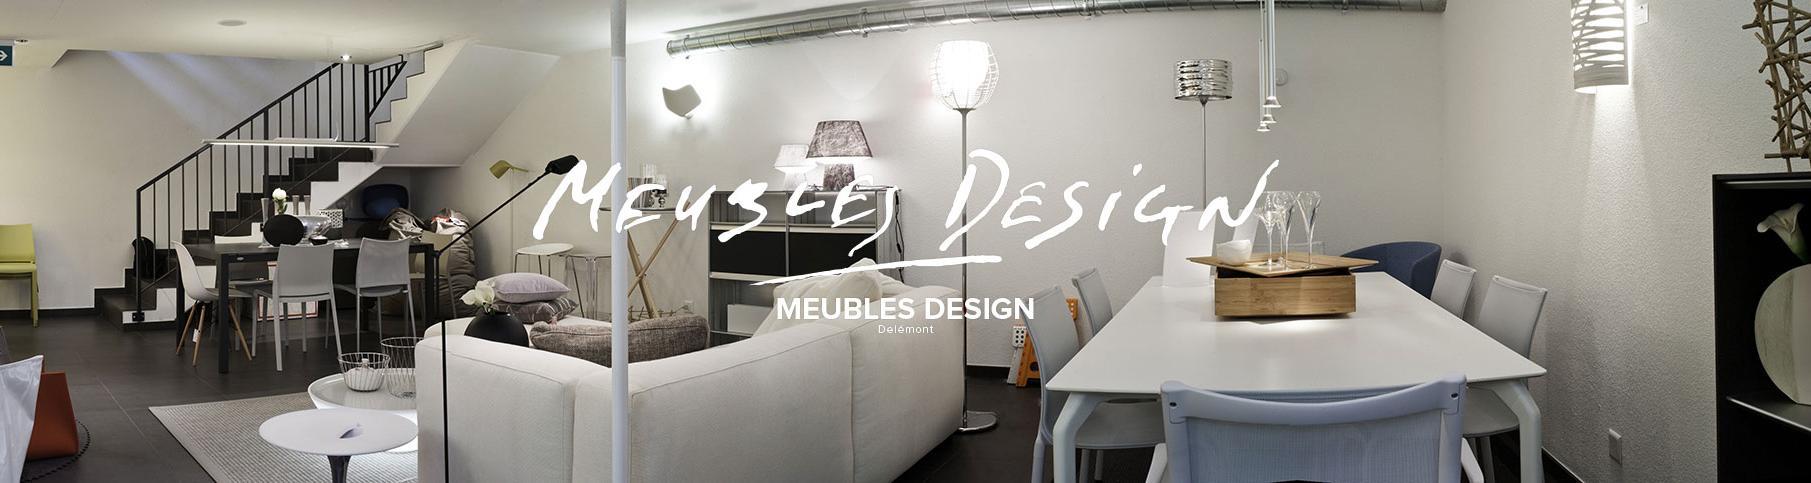 Accueil Meubles Design Mobilier Et Luminaires A Delemont